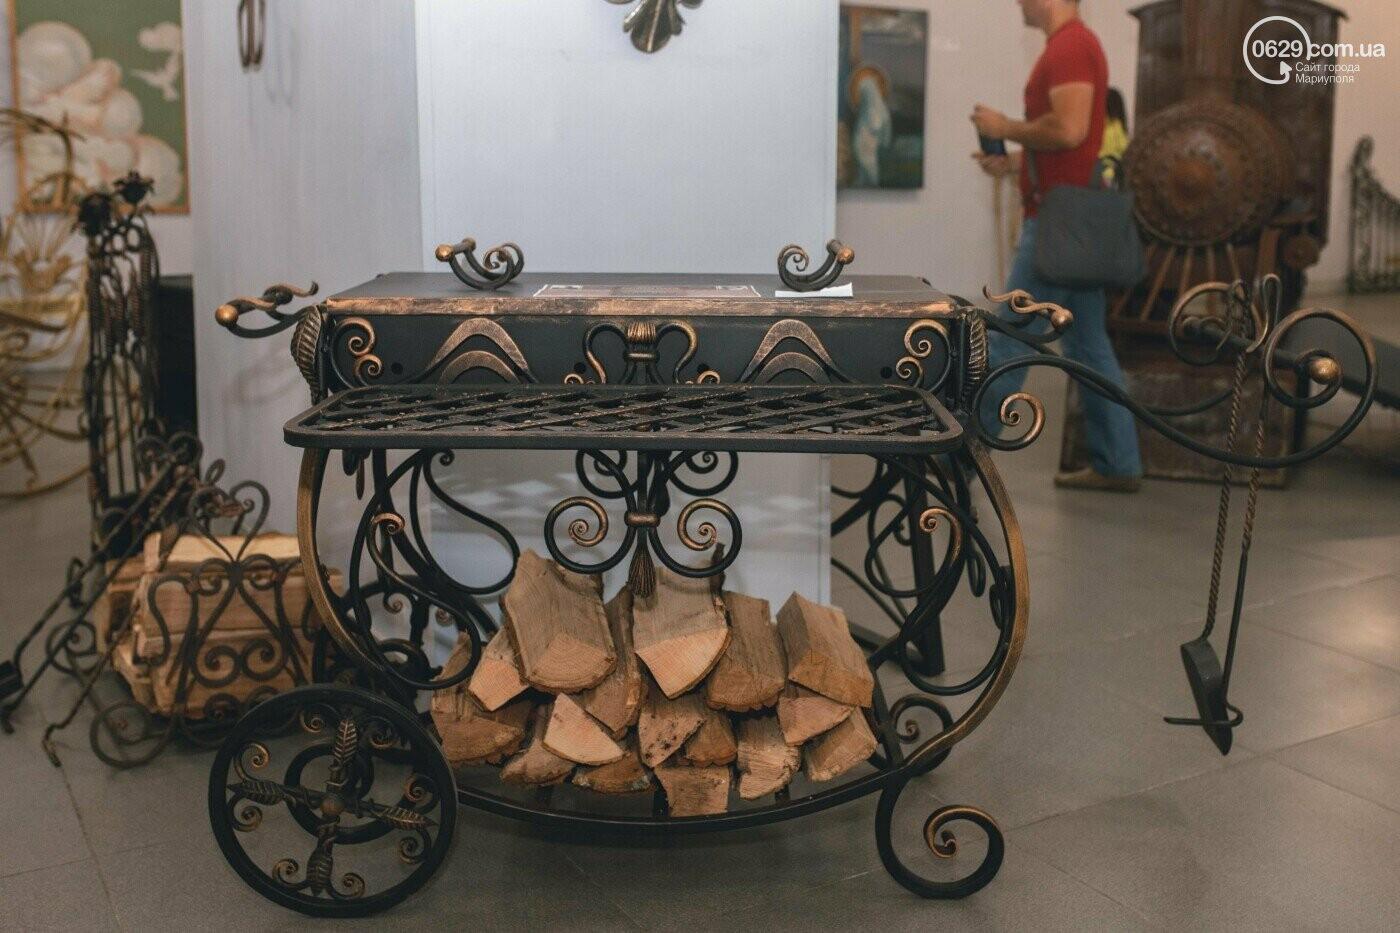 Ковані черепи, пірати та пальми. У Маріуполі відкрилася нова виставка, - ФОТО , фото-23